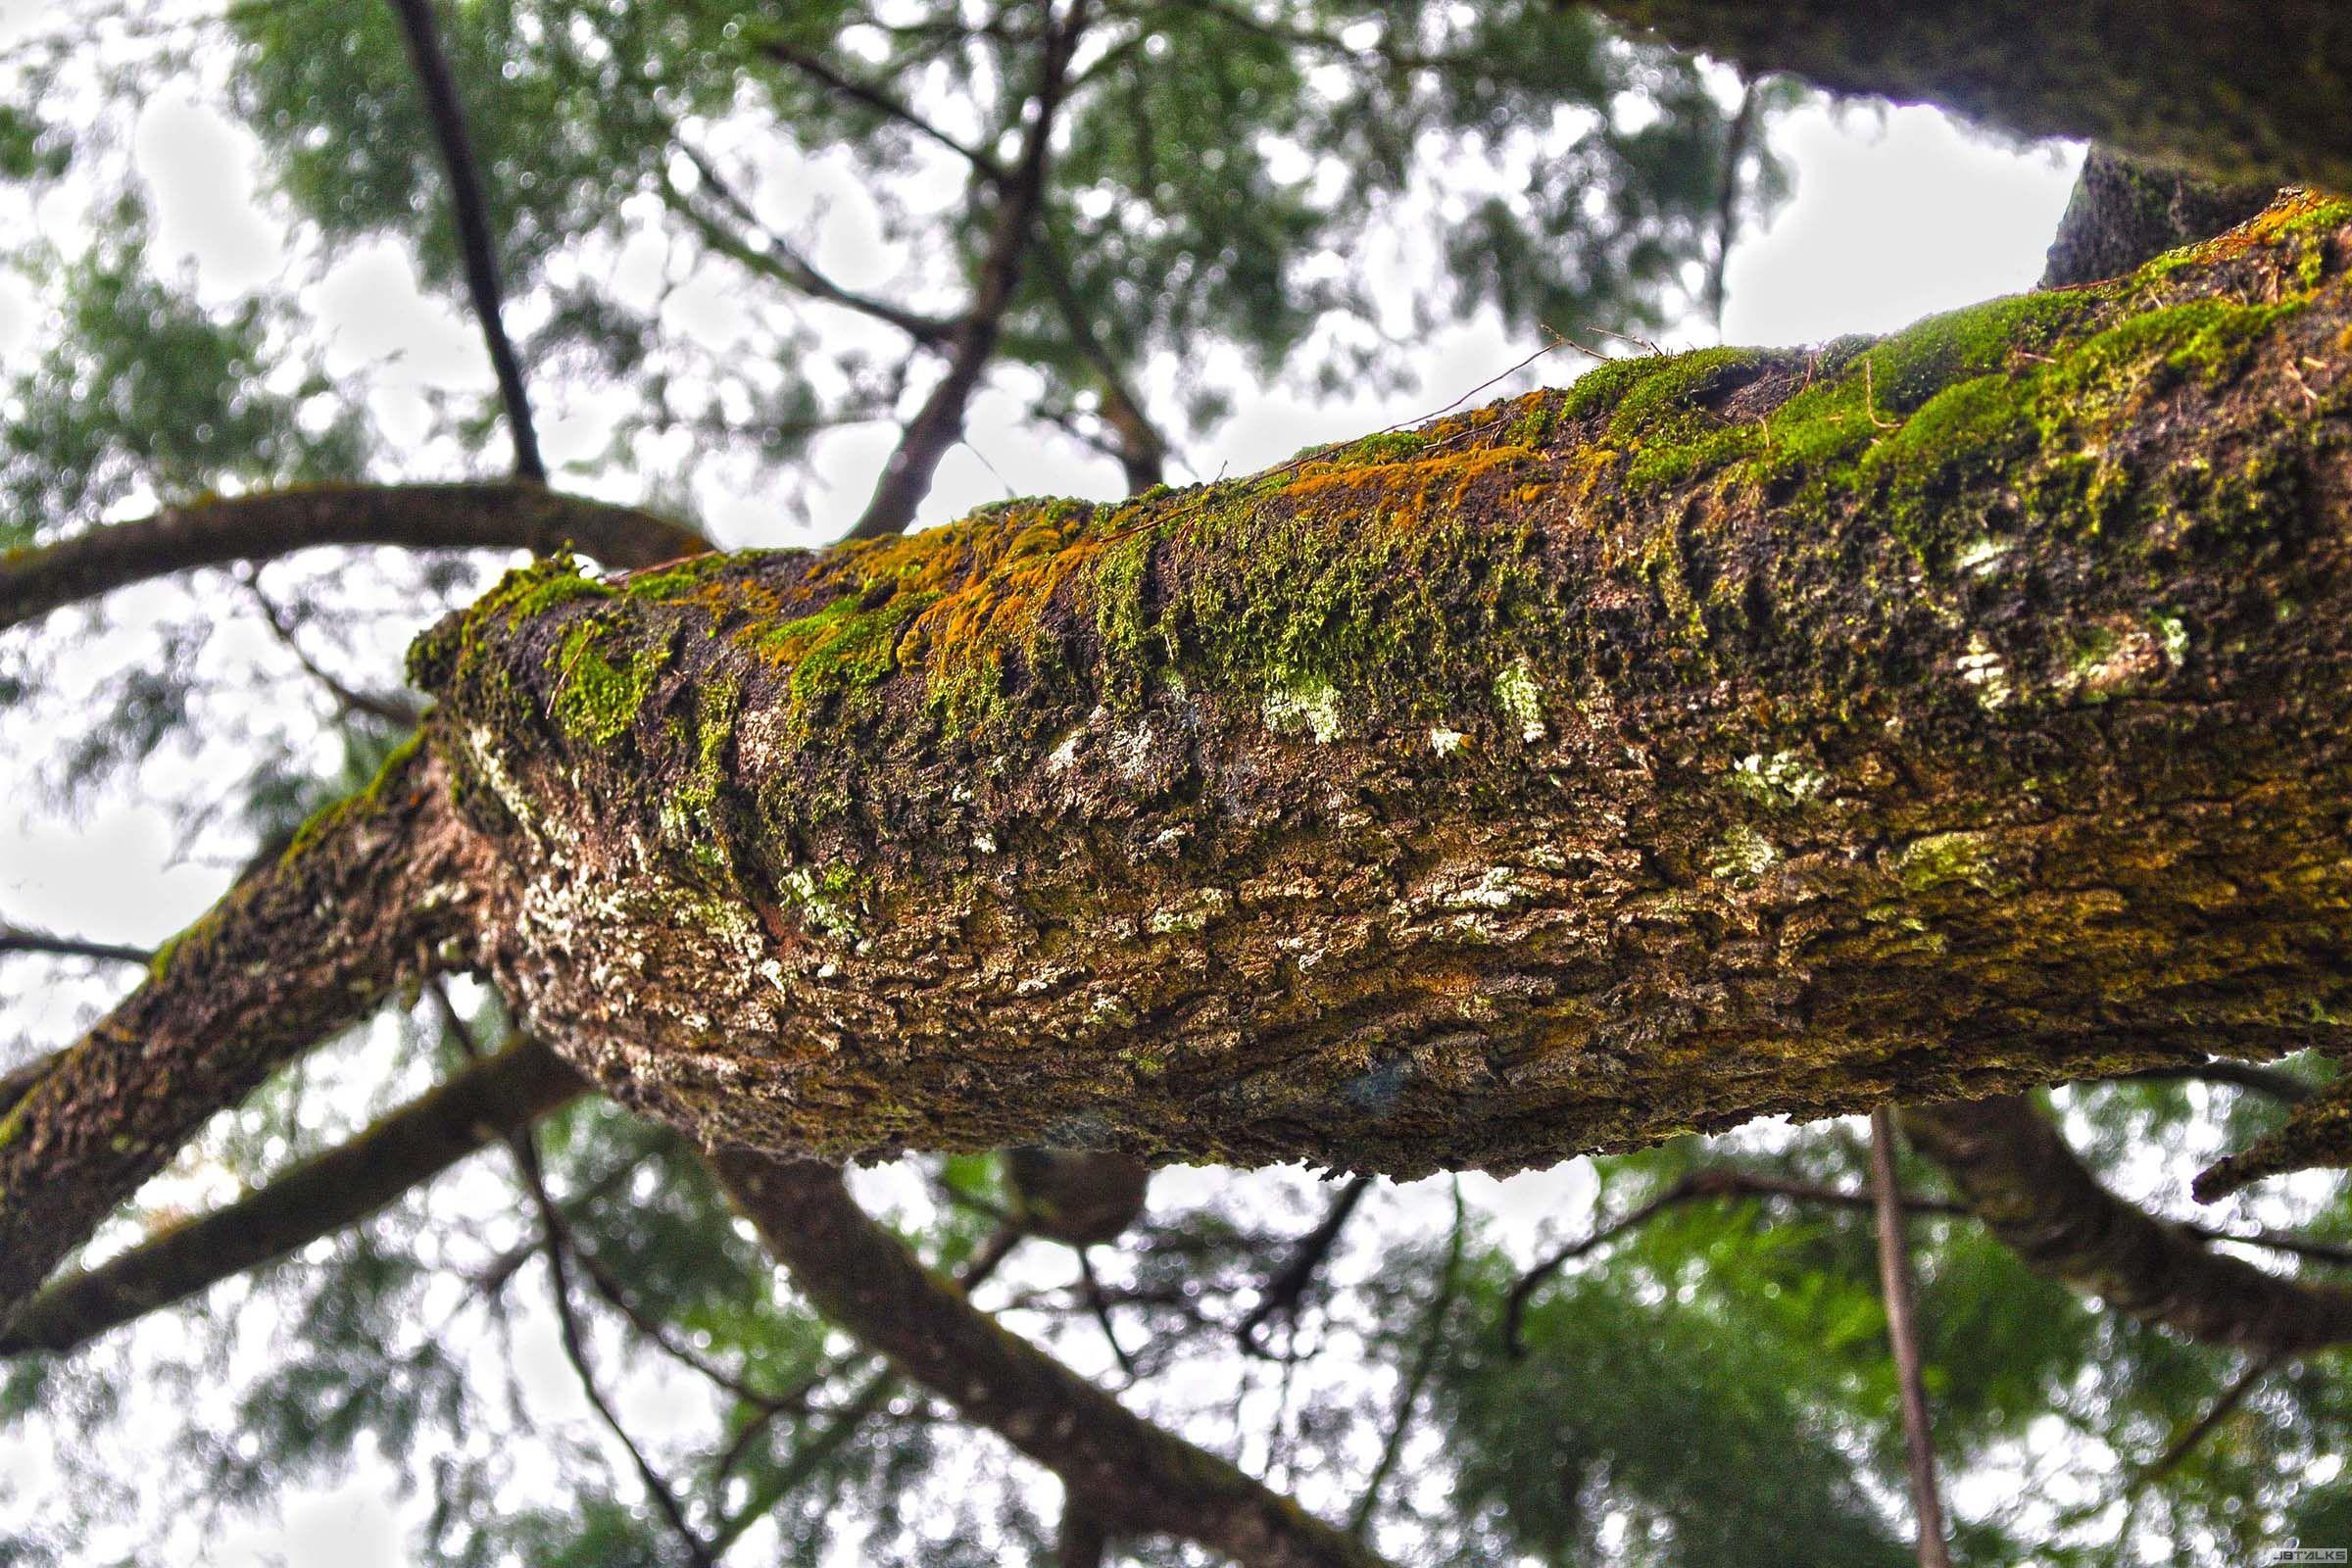 某树(前阵子才挖到的照片,自己都不知道是什么时候拍的)